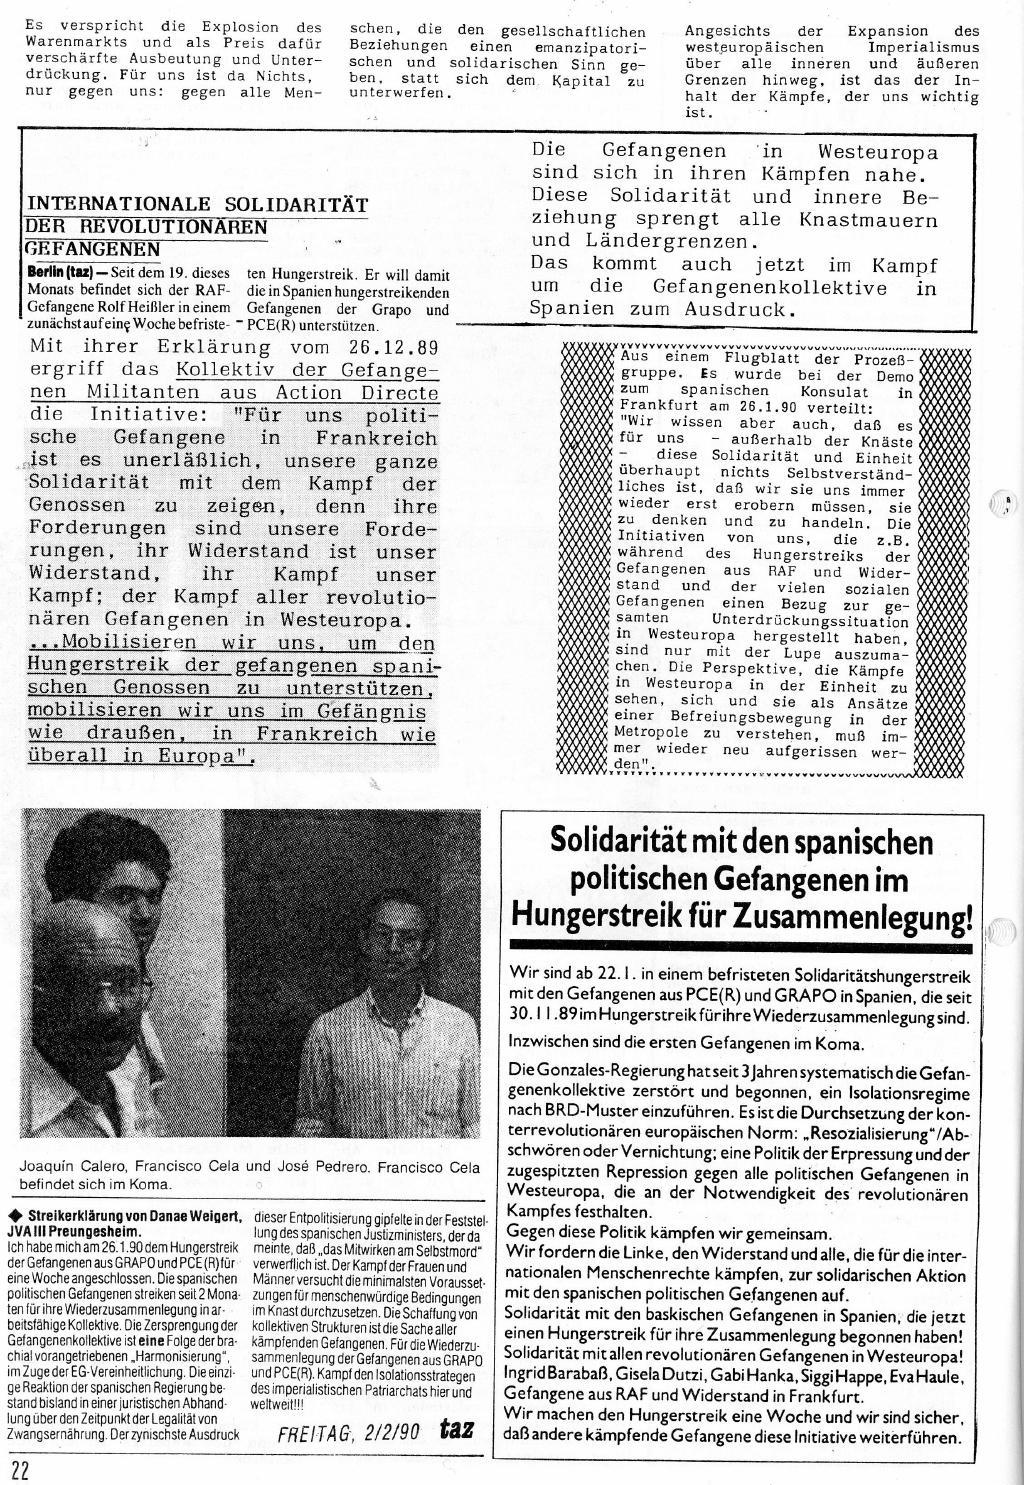 Frankfurt_Prozessinfo_Kein_Frieden_mit_den_Banken_1990_1_2_22